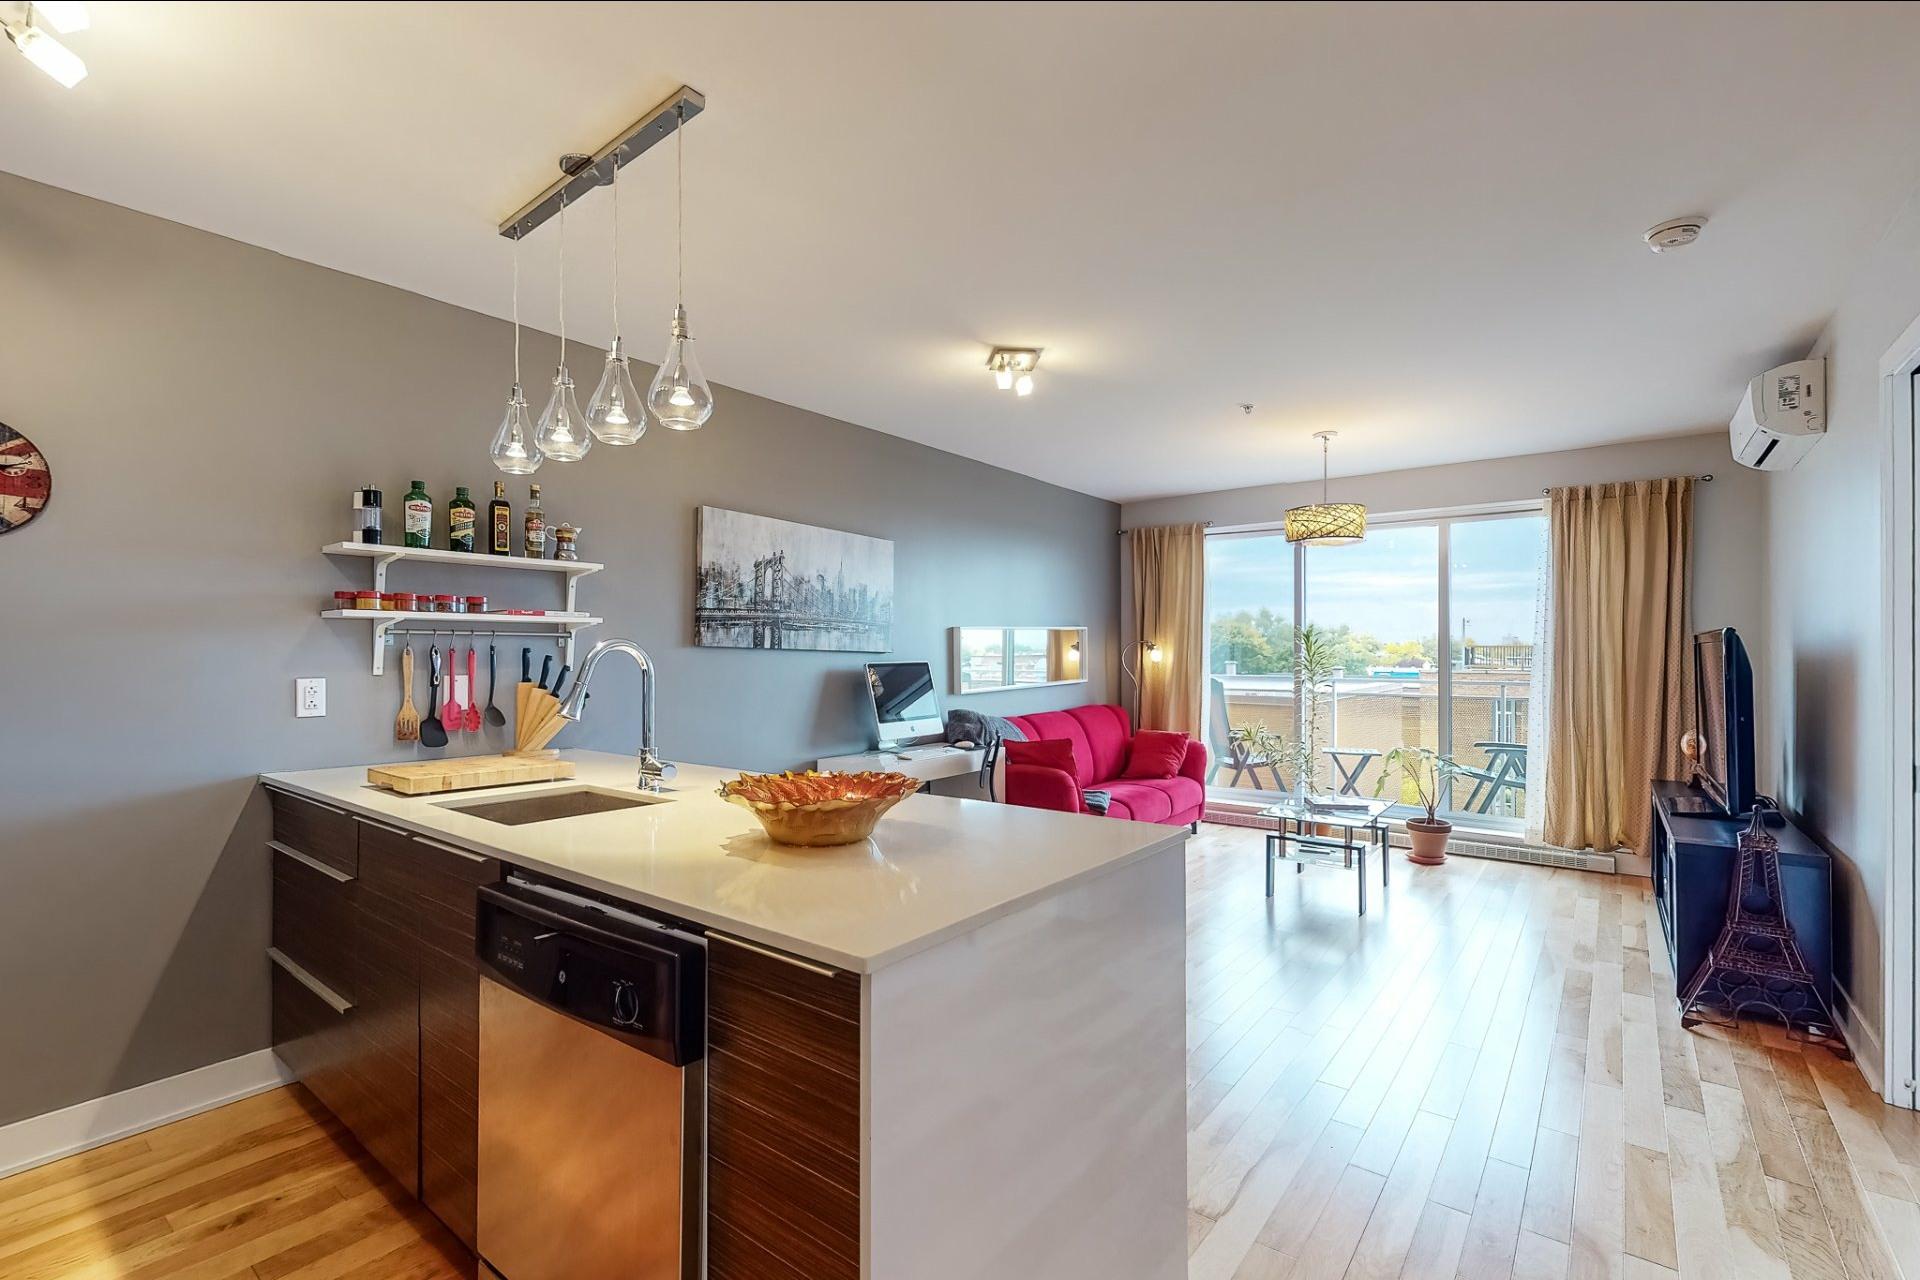 image 3 - Appartement À vendre Rosemont/La Petite-Patrie Montréal  - 3 pièces